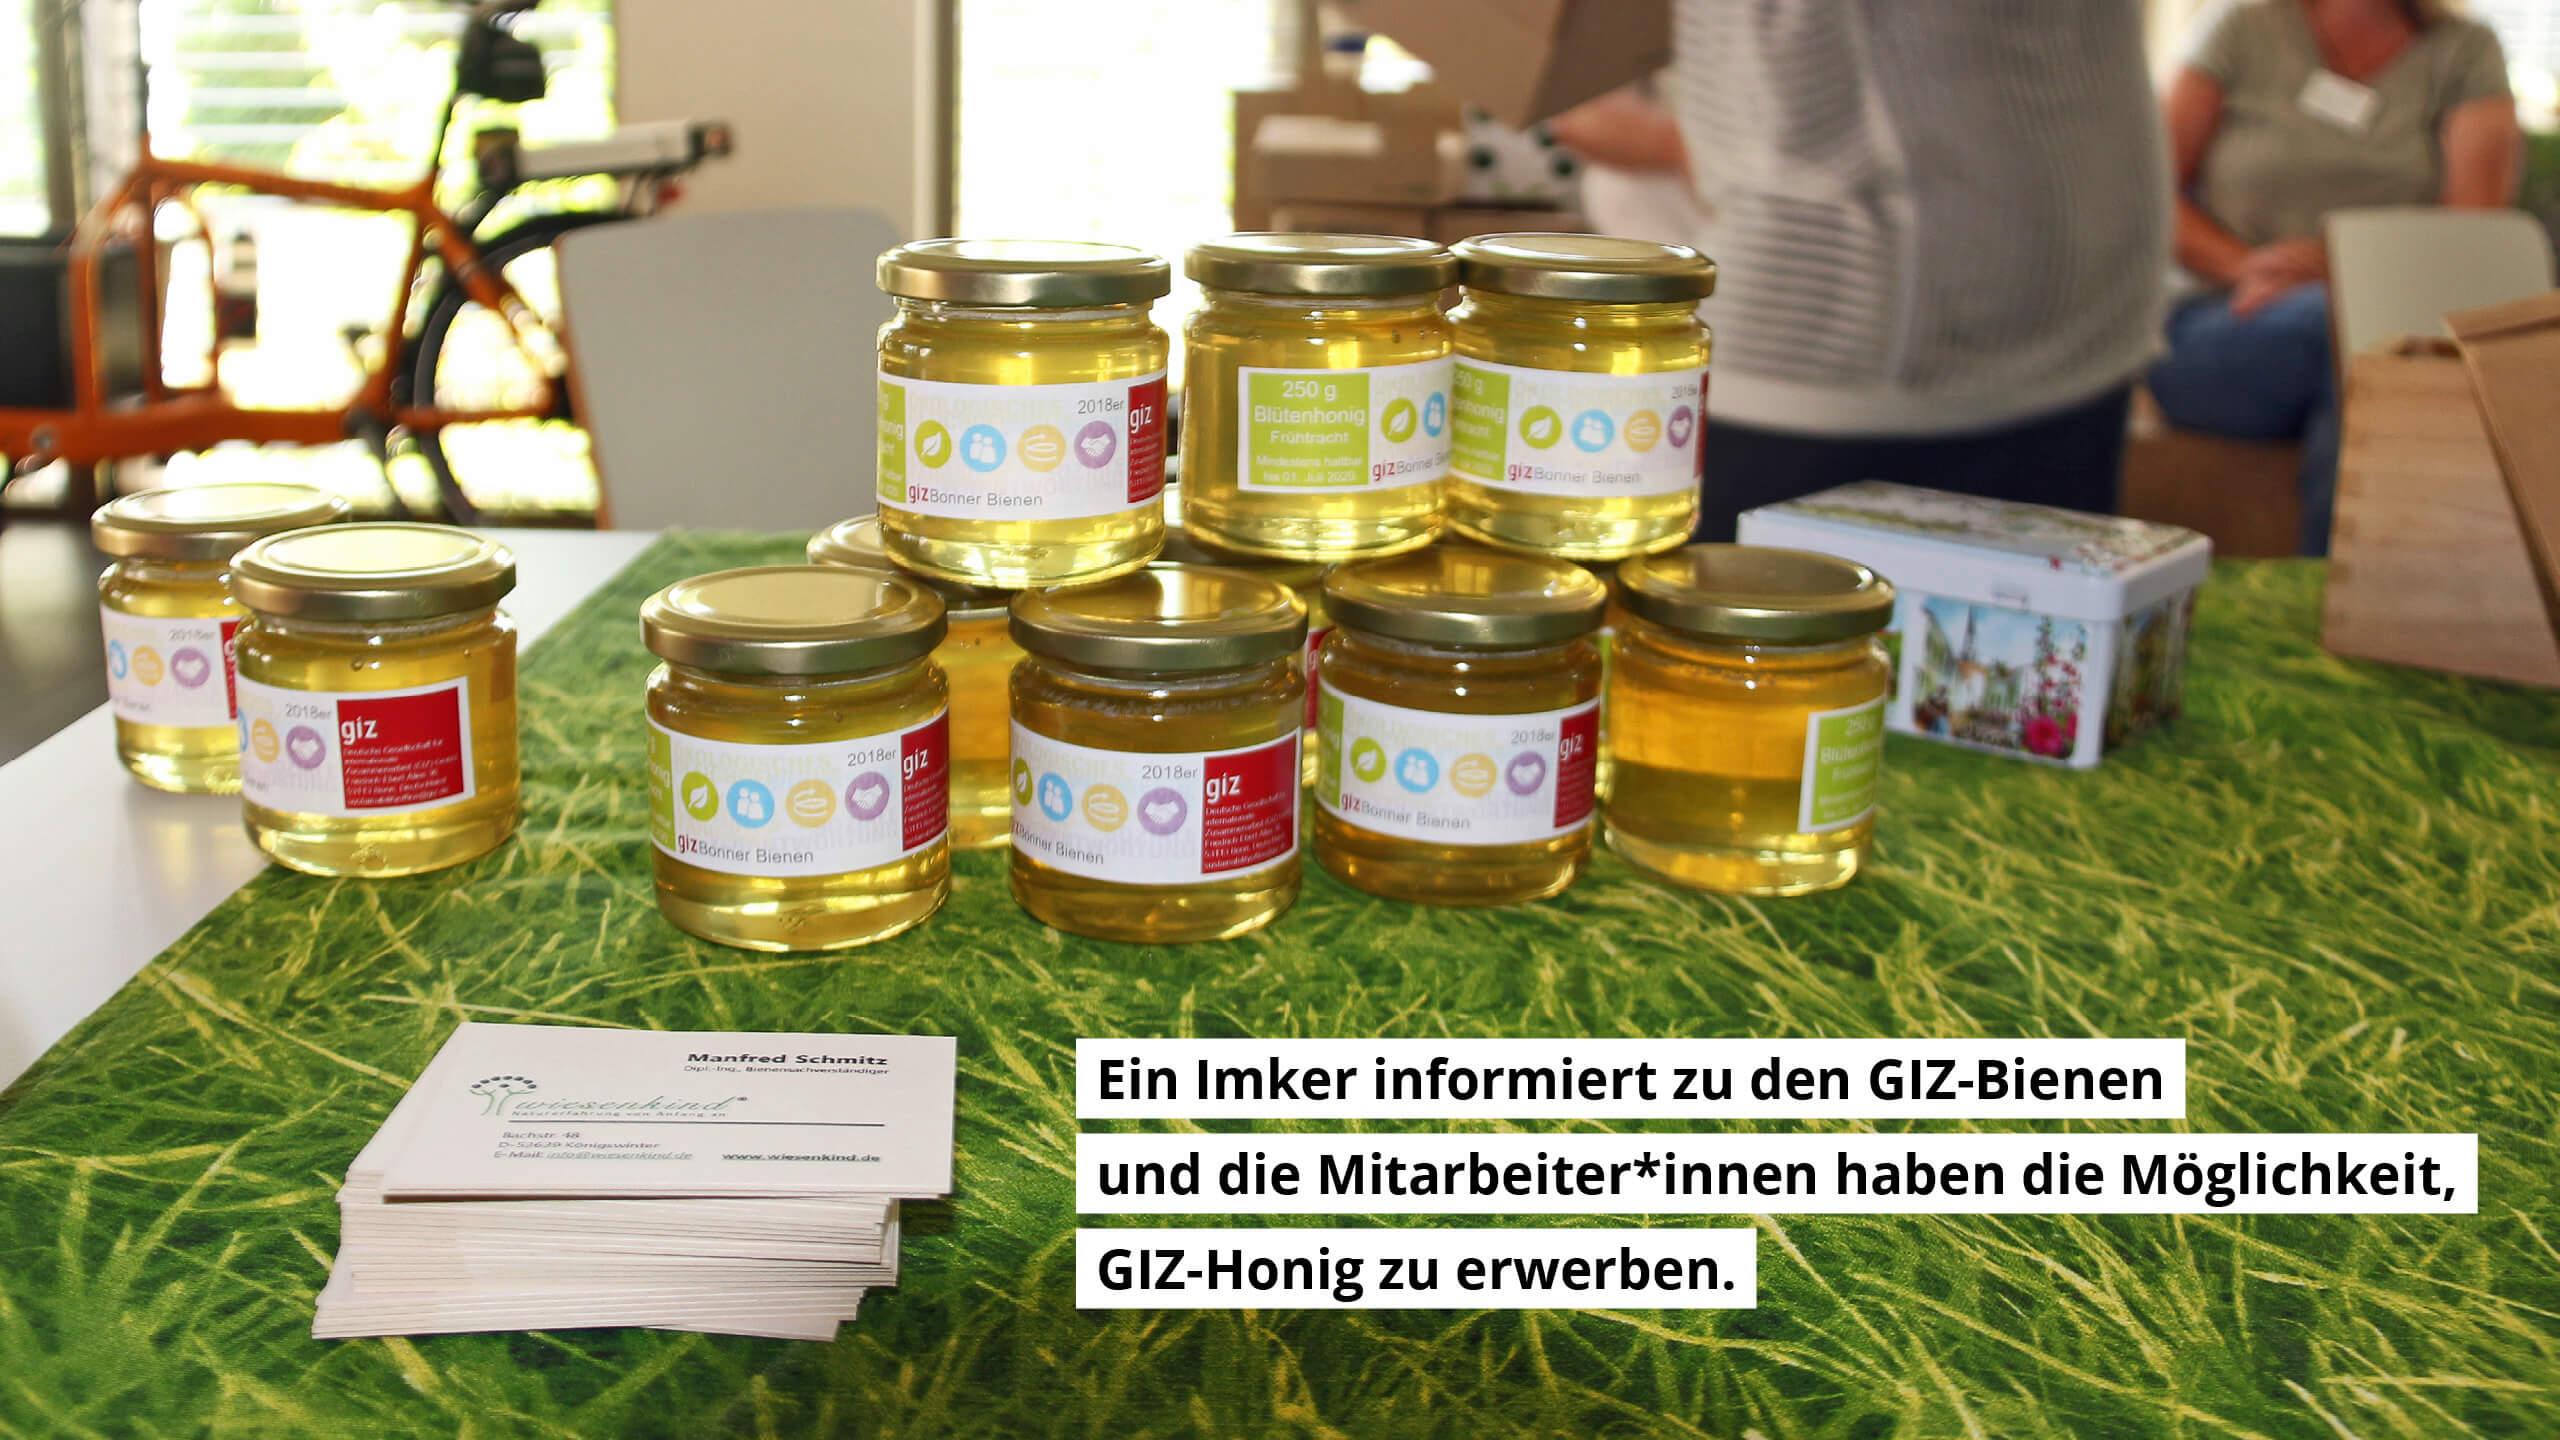 Ein Imker informiert über die GIZ-Bienen und die Mitarbeiter*innen haben die Möglichkeit GIZ-Honig zu erwerben.